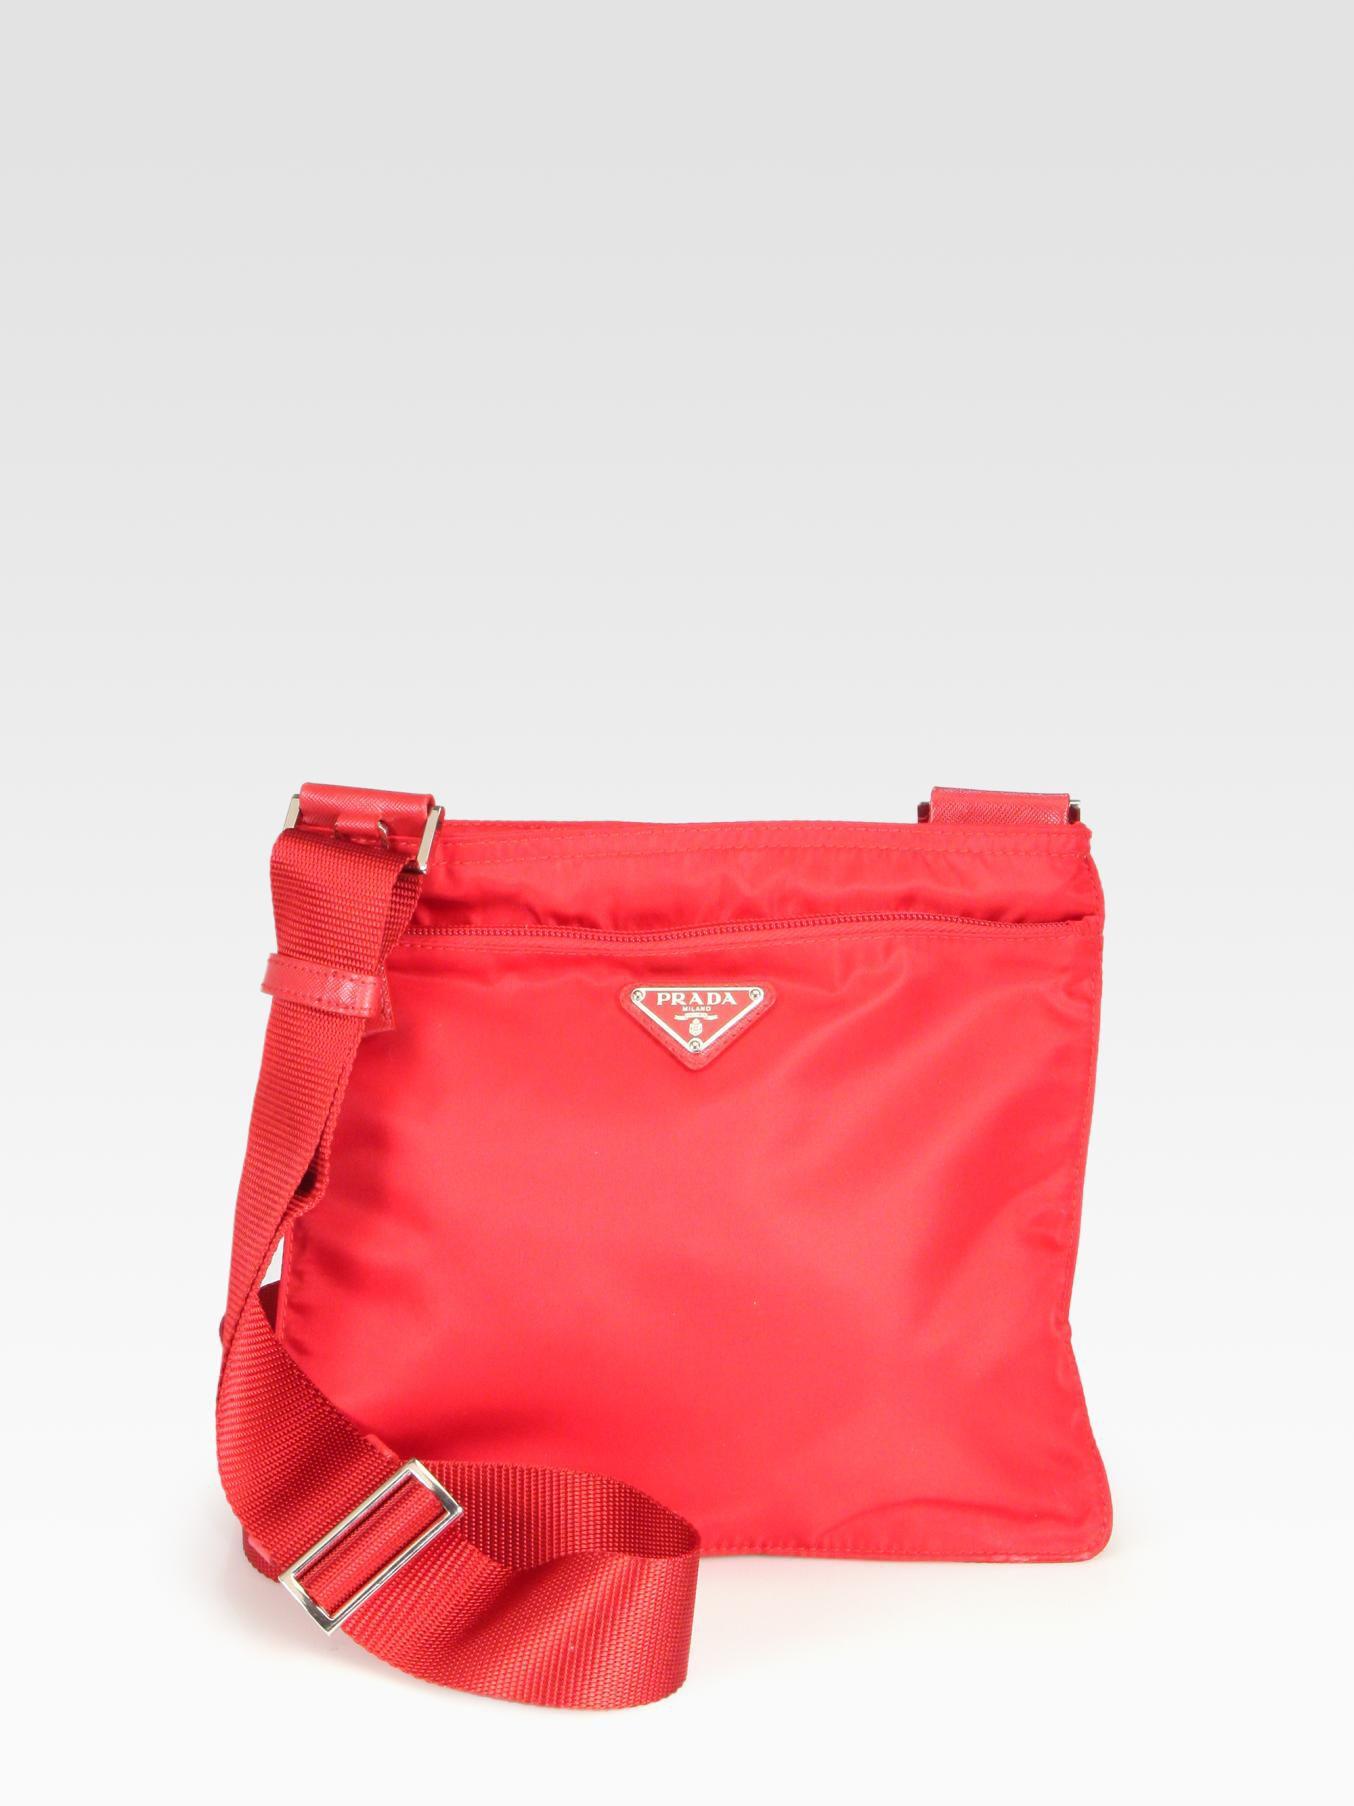 Prada Bag Red